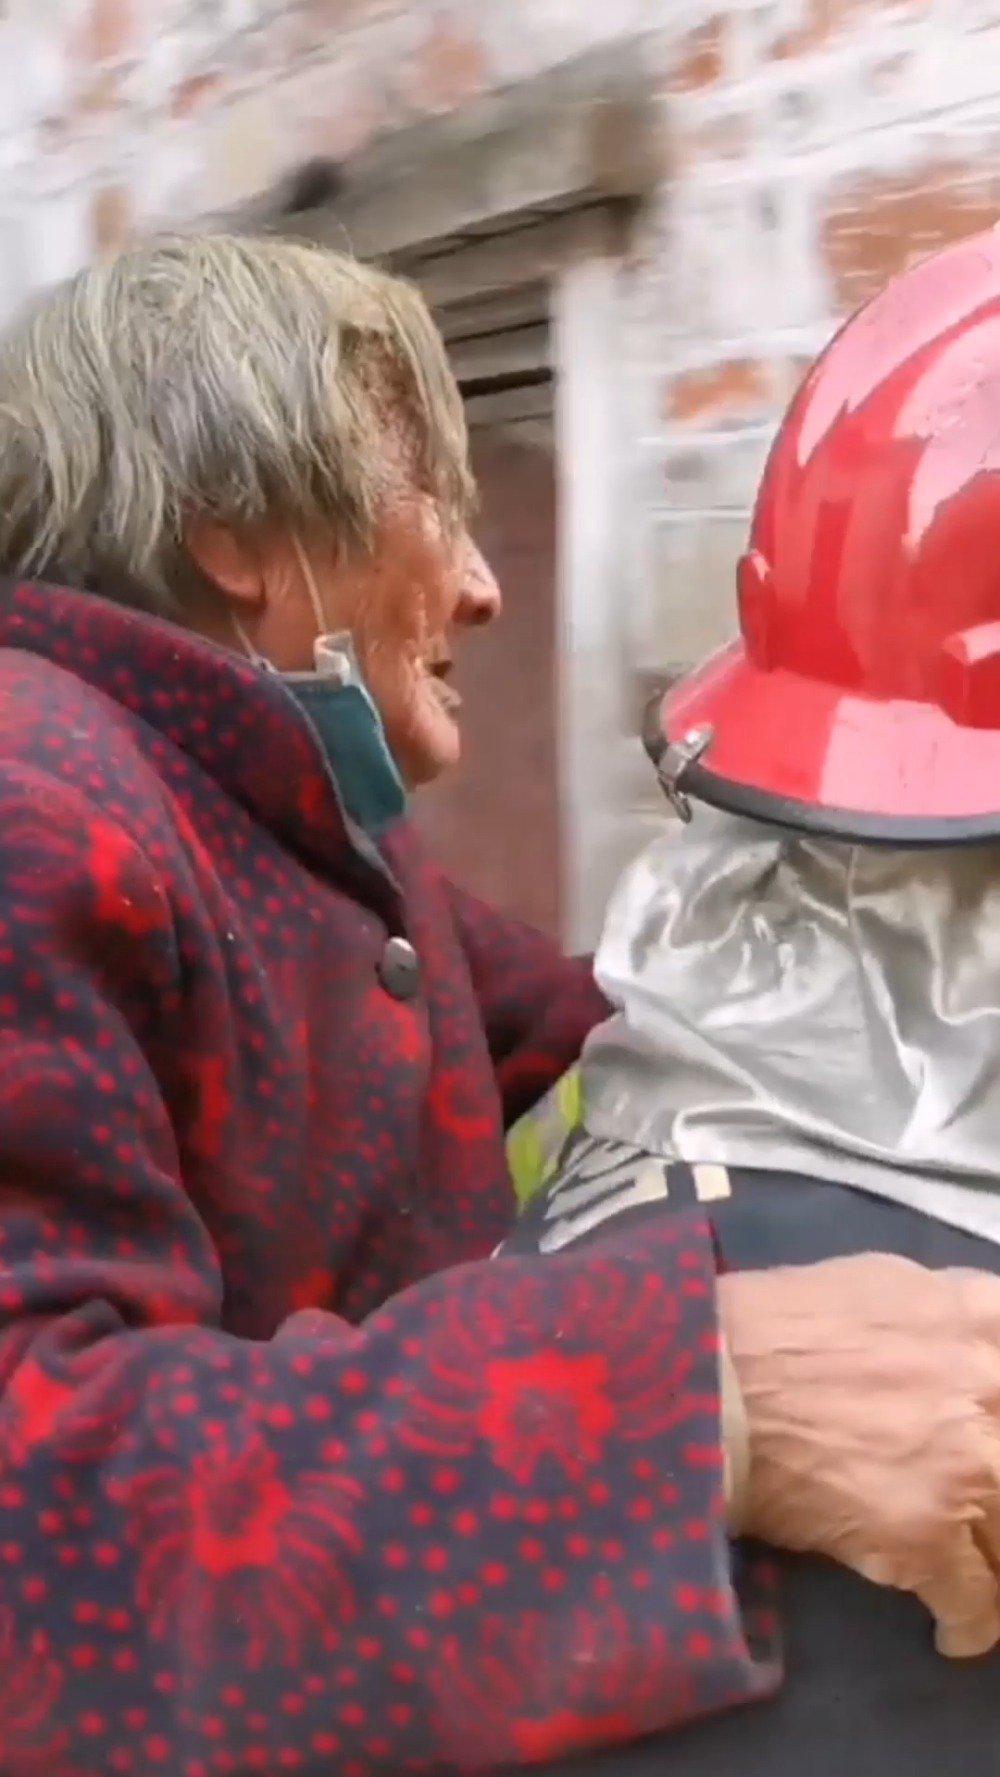 淮南民房起火老人吓得瘫坐火场 消防员背起老人撤离